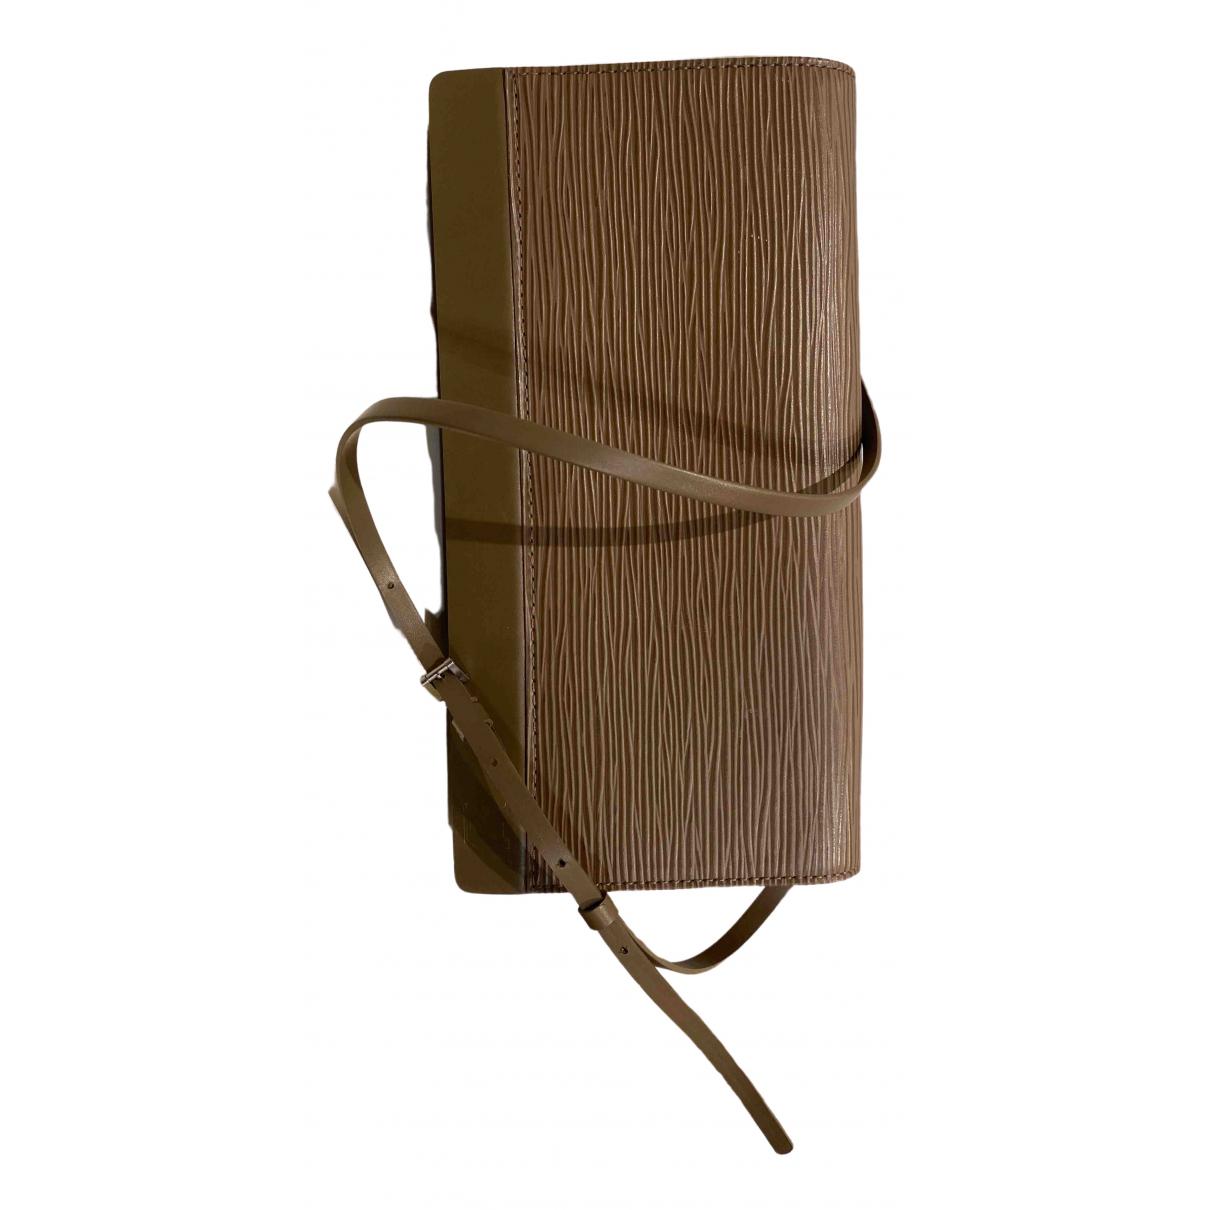 Pochette Honfleur de Cuero Louis Vuitton